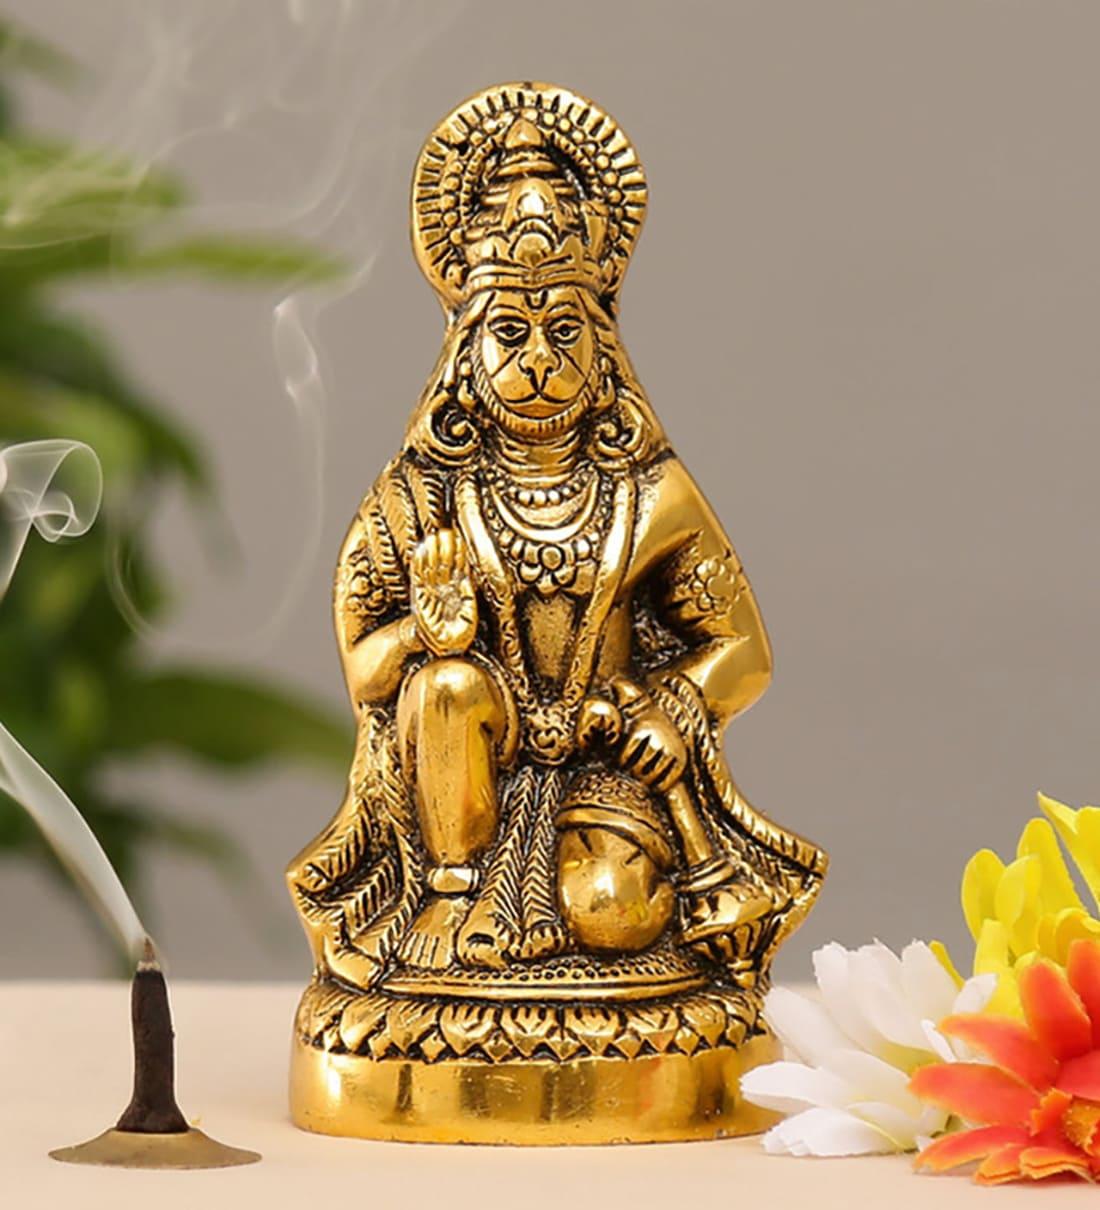 PunjabKesari, Hanuman mantra, Bajrangbali, Bajrangbali Mantra, Lord Hanuman, Sri Hari Hanuman, Hanuman mantra in hindi, Mantra Bhajan Aarti, Vedic Mantra in hindi